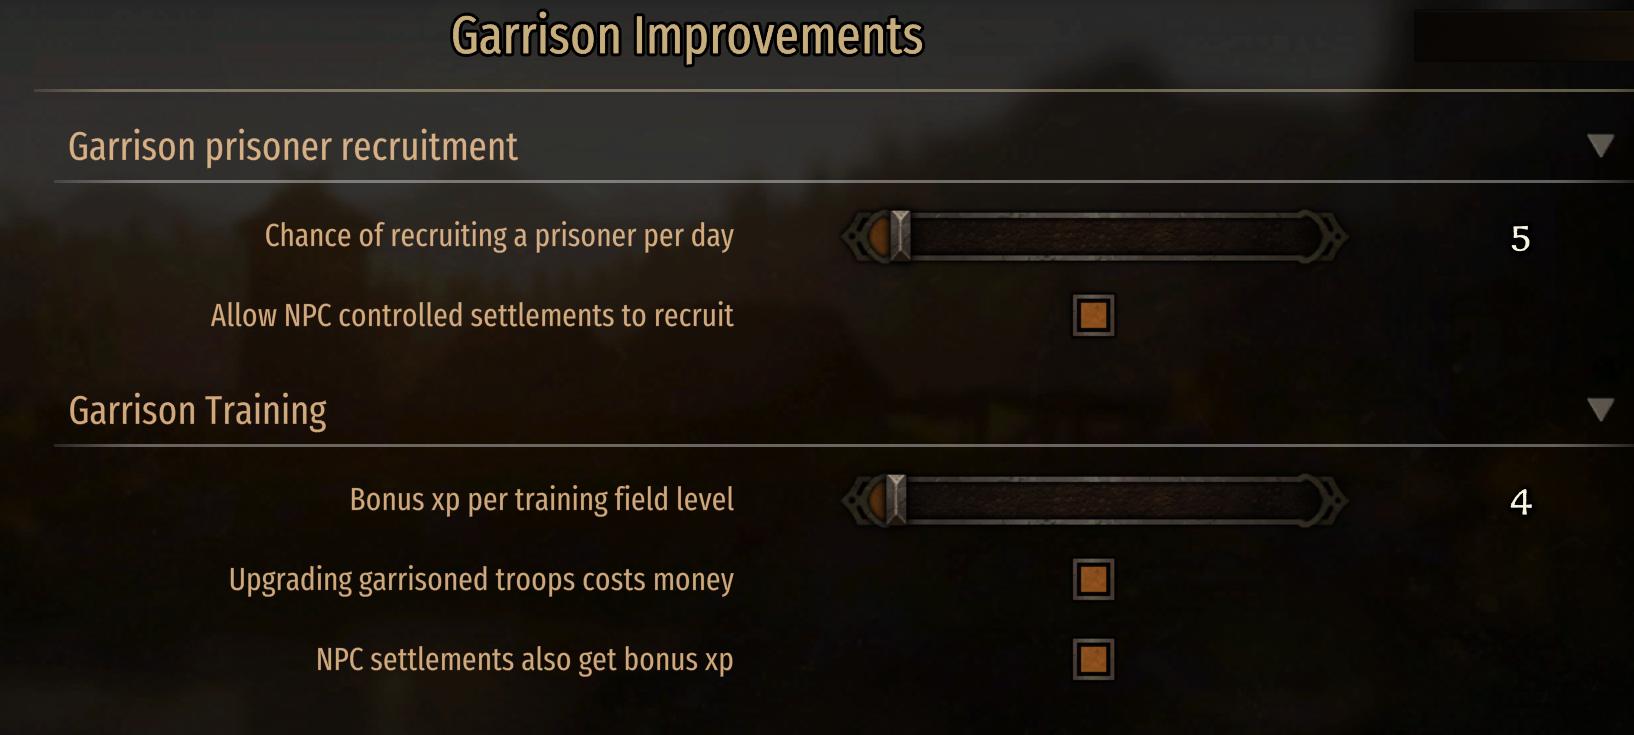 驻军大修-训练招募[Garrison Improvements]